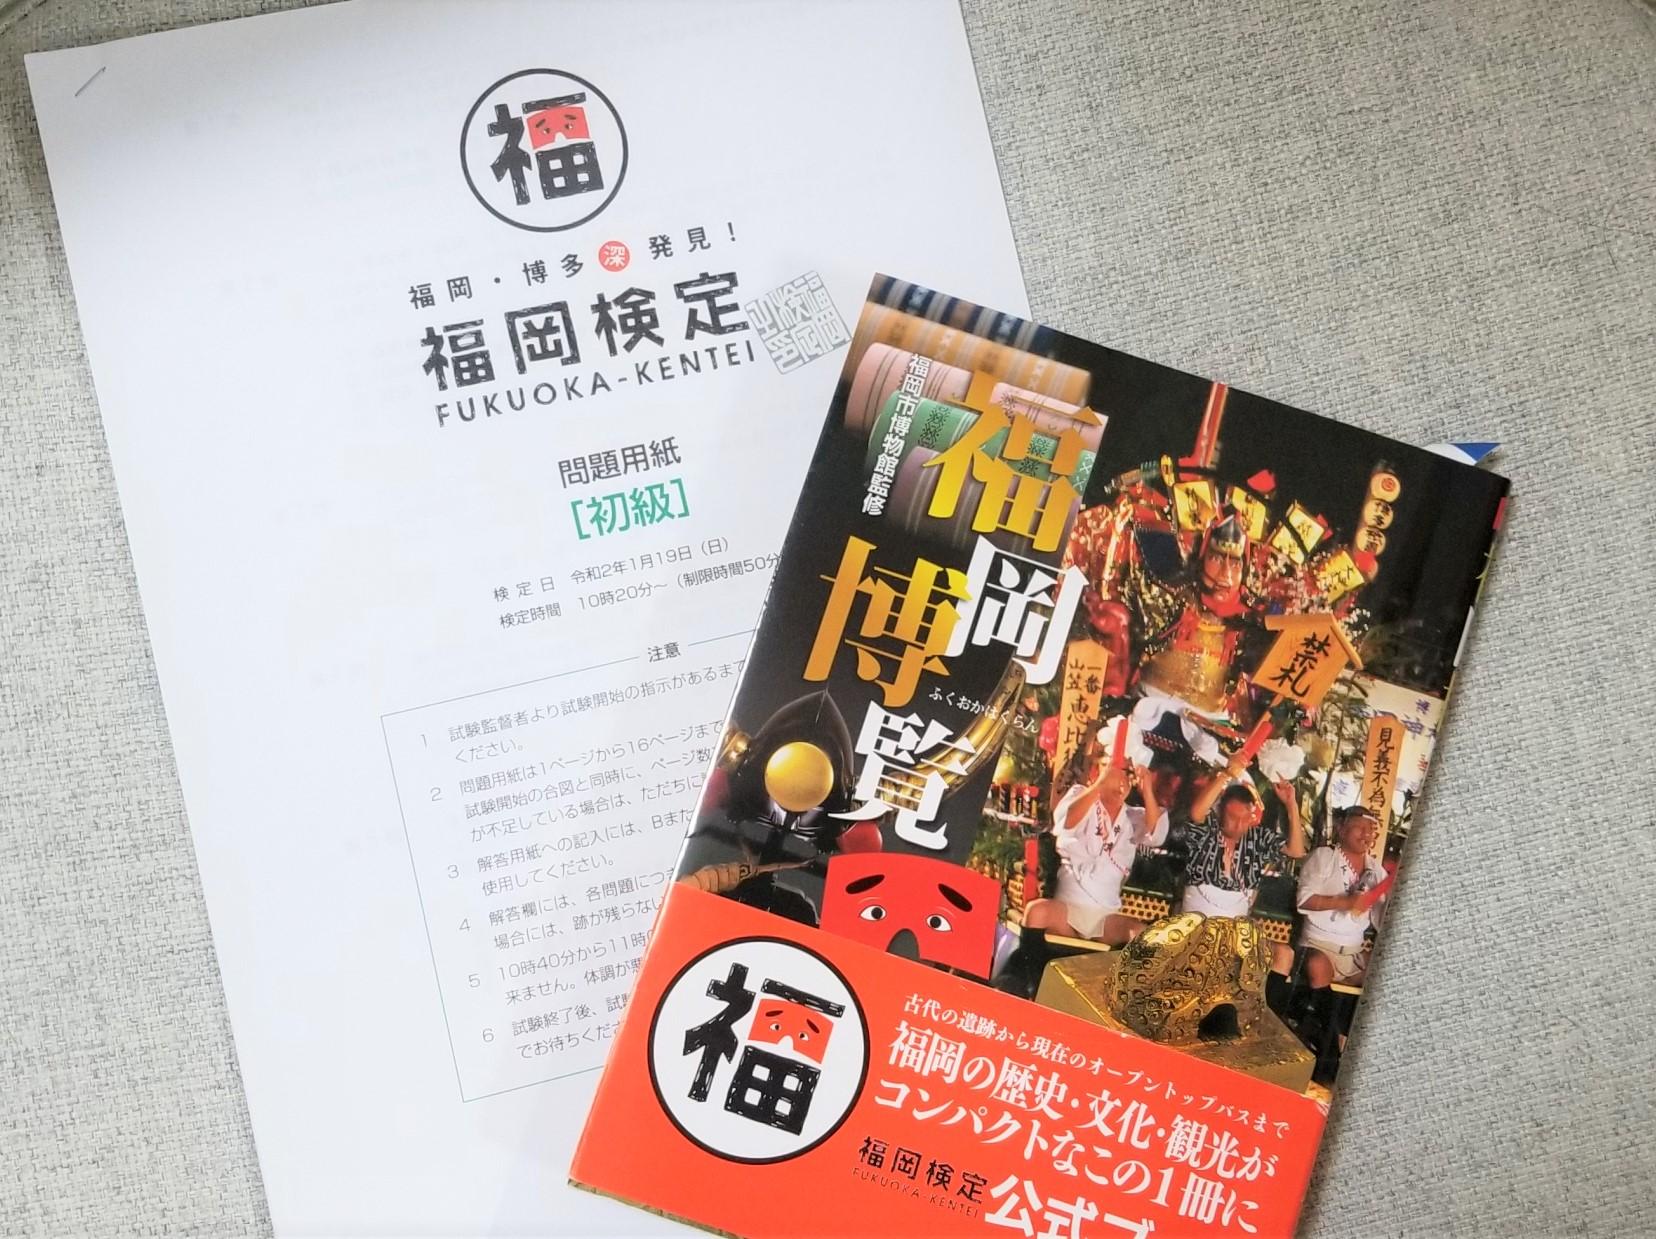 あの「福岡検定」がオンライン受験できる!今こそ「福岡愛」を満タンに♡ |